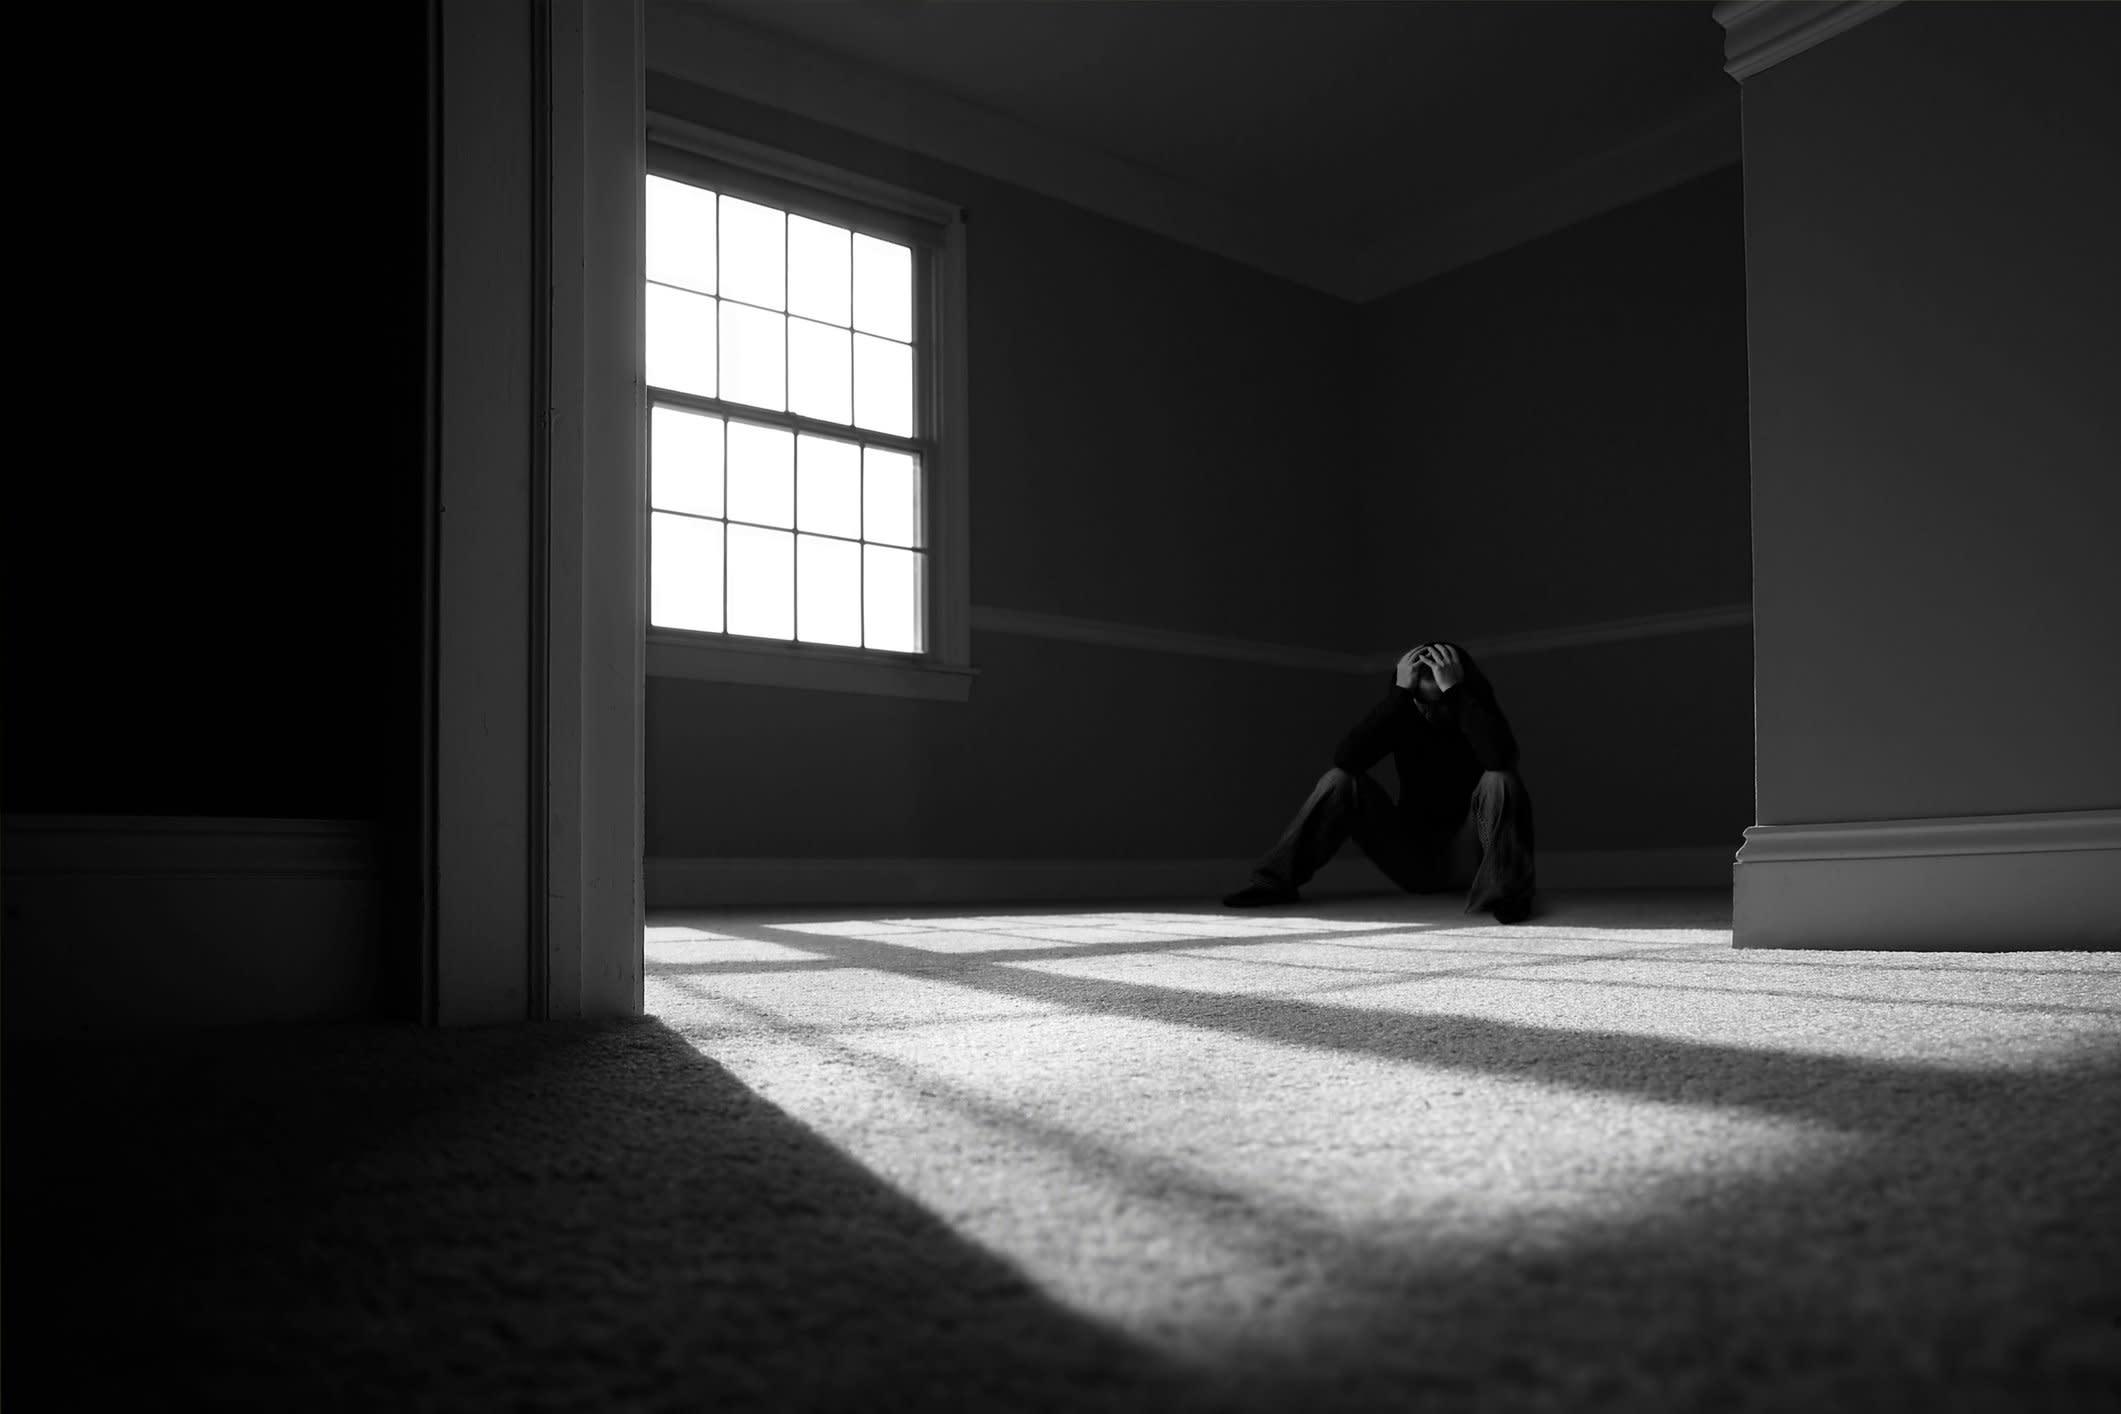 В пустой квартире картинки